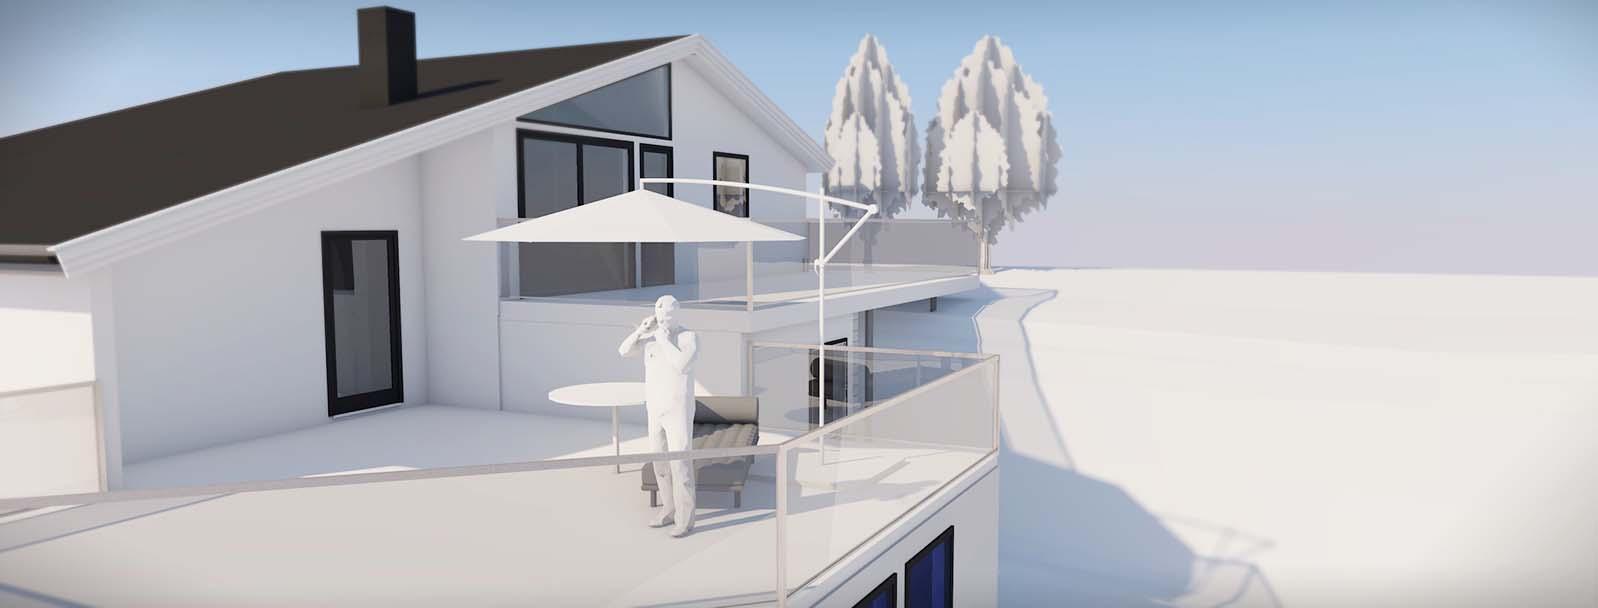 Vil du lage et tilbygg? Vi hjelpe deg med byggsøknaden og tegninger til byggesøknaden.